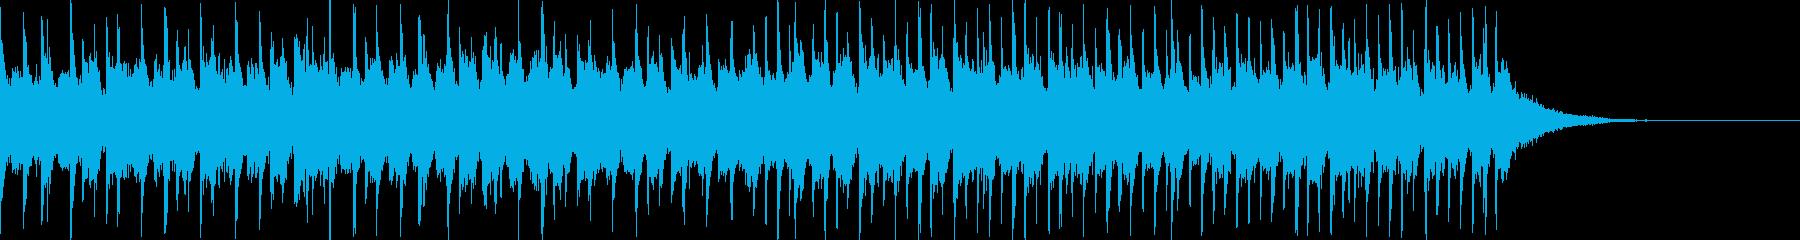 フワフワした雰囲気のトロピカルハウスの再生済みの波形